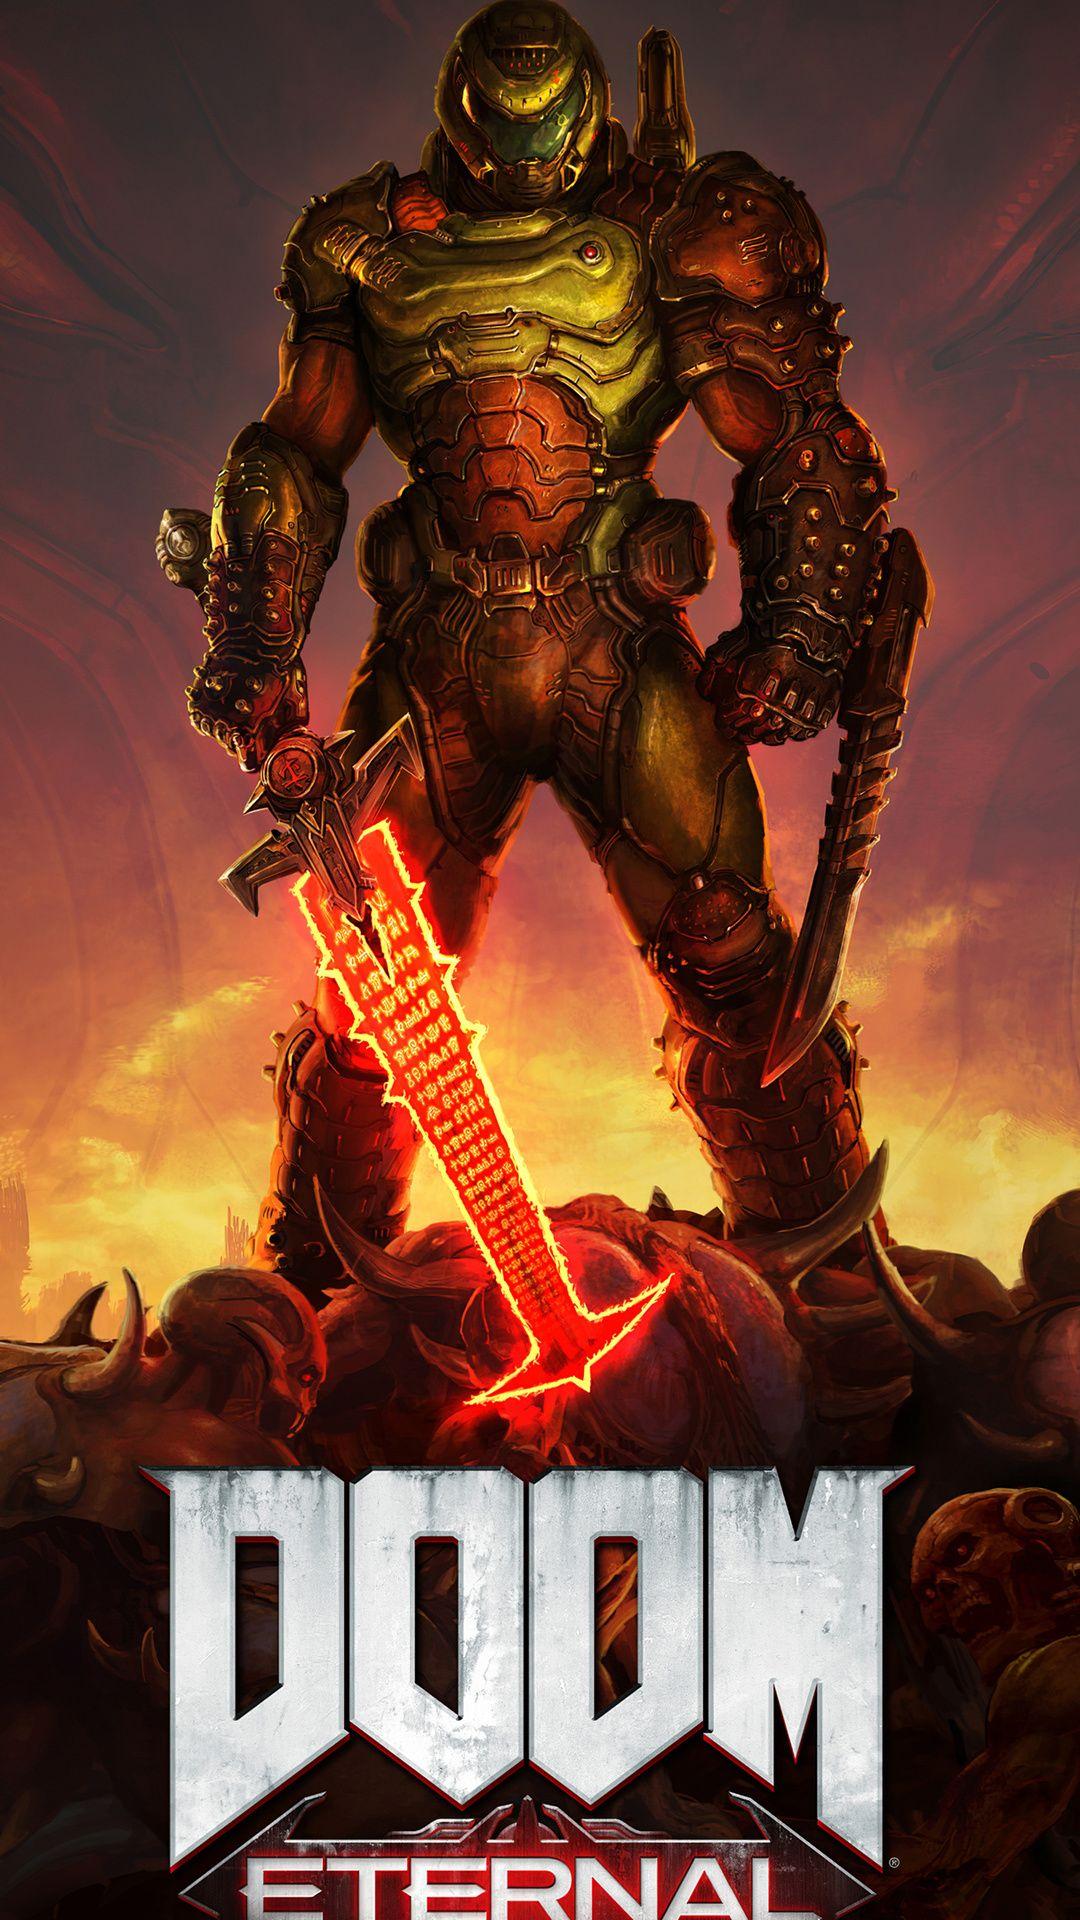 Doom Eternal 4k 2020 Mobile Wallpaper Iphone Android Samsung Pixel Xiaomi In 2020 Doom Videogame Doom Doom Game